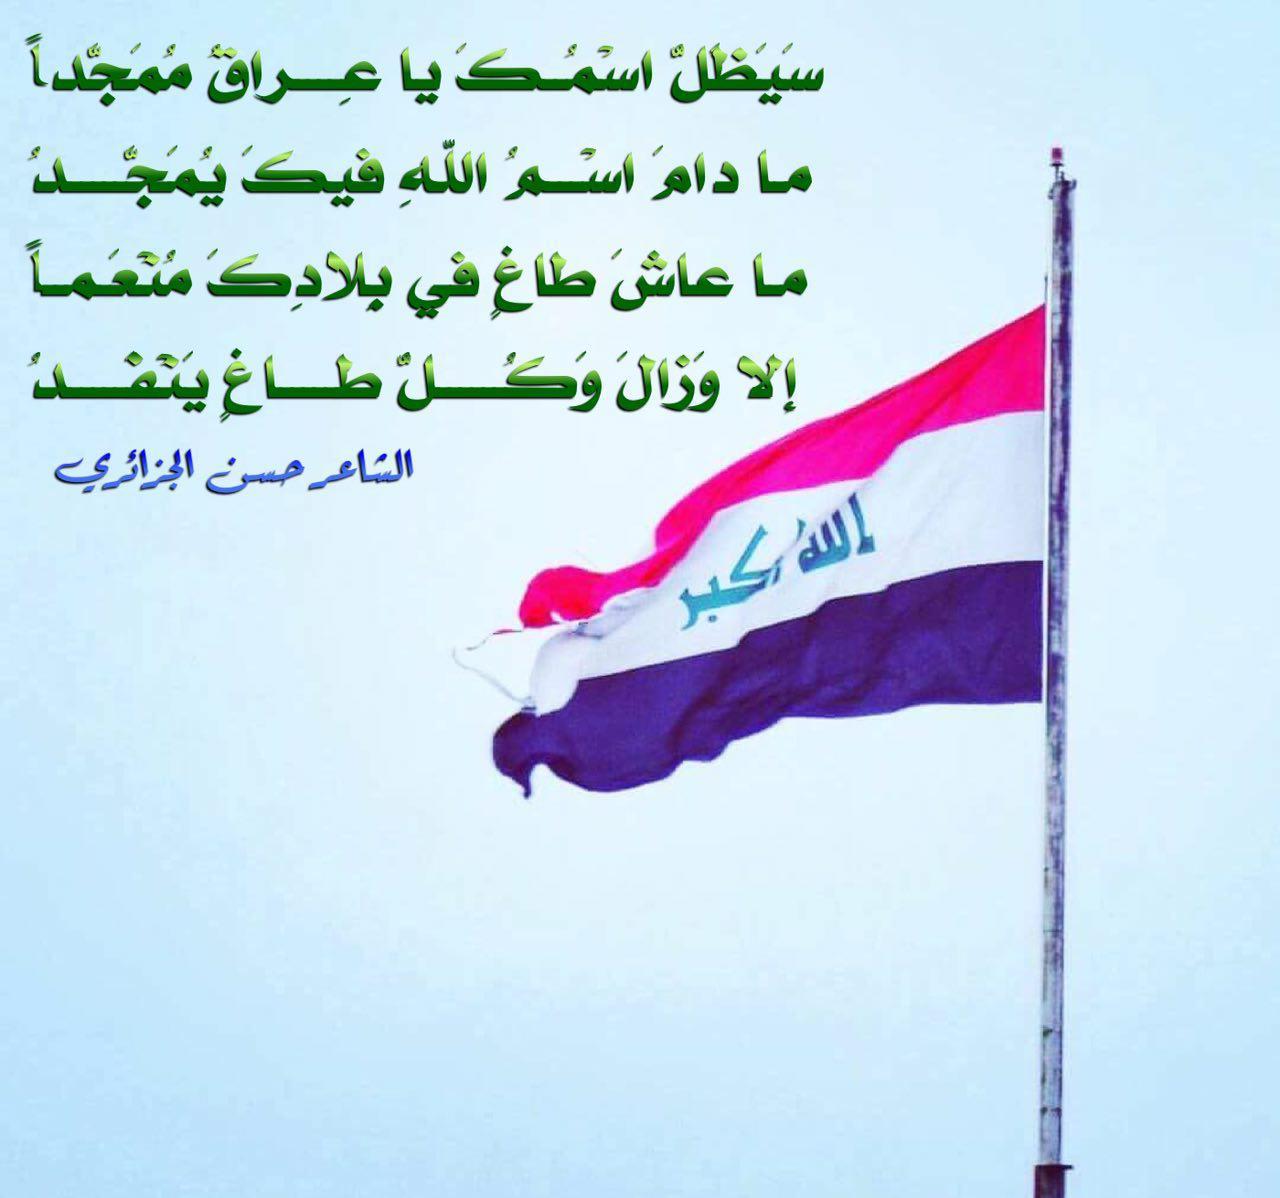 بالصور شعر عن العراق , اجمل الاشعار عن العراق 3425